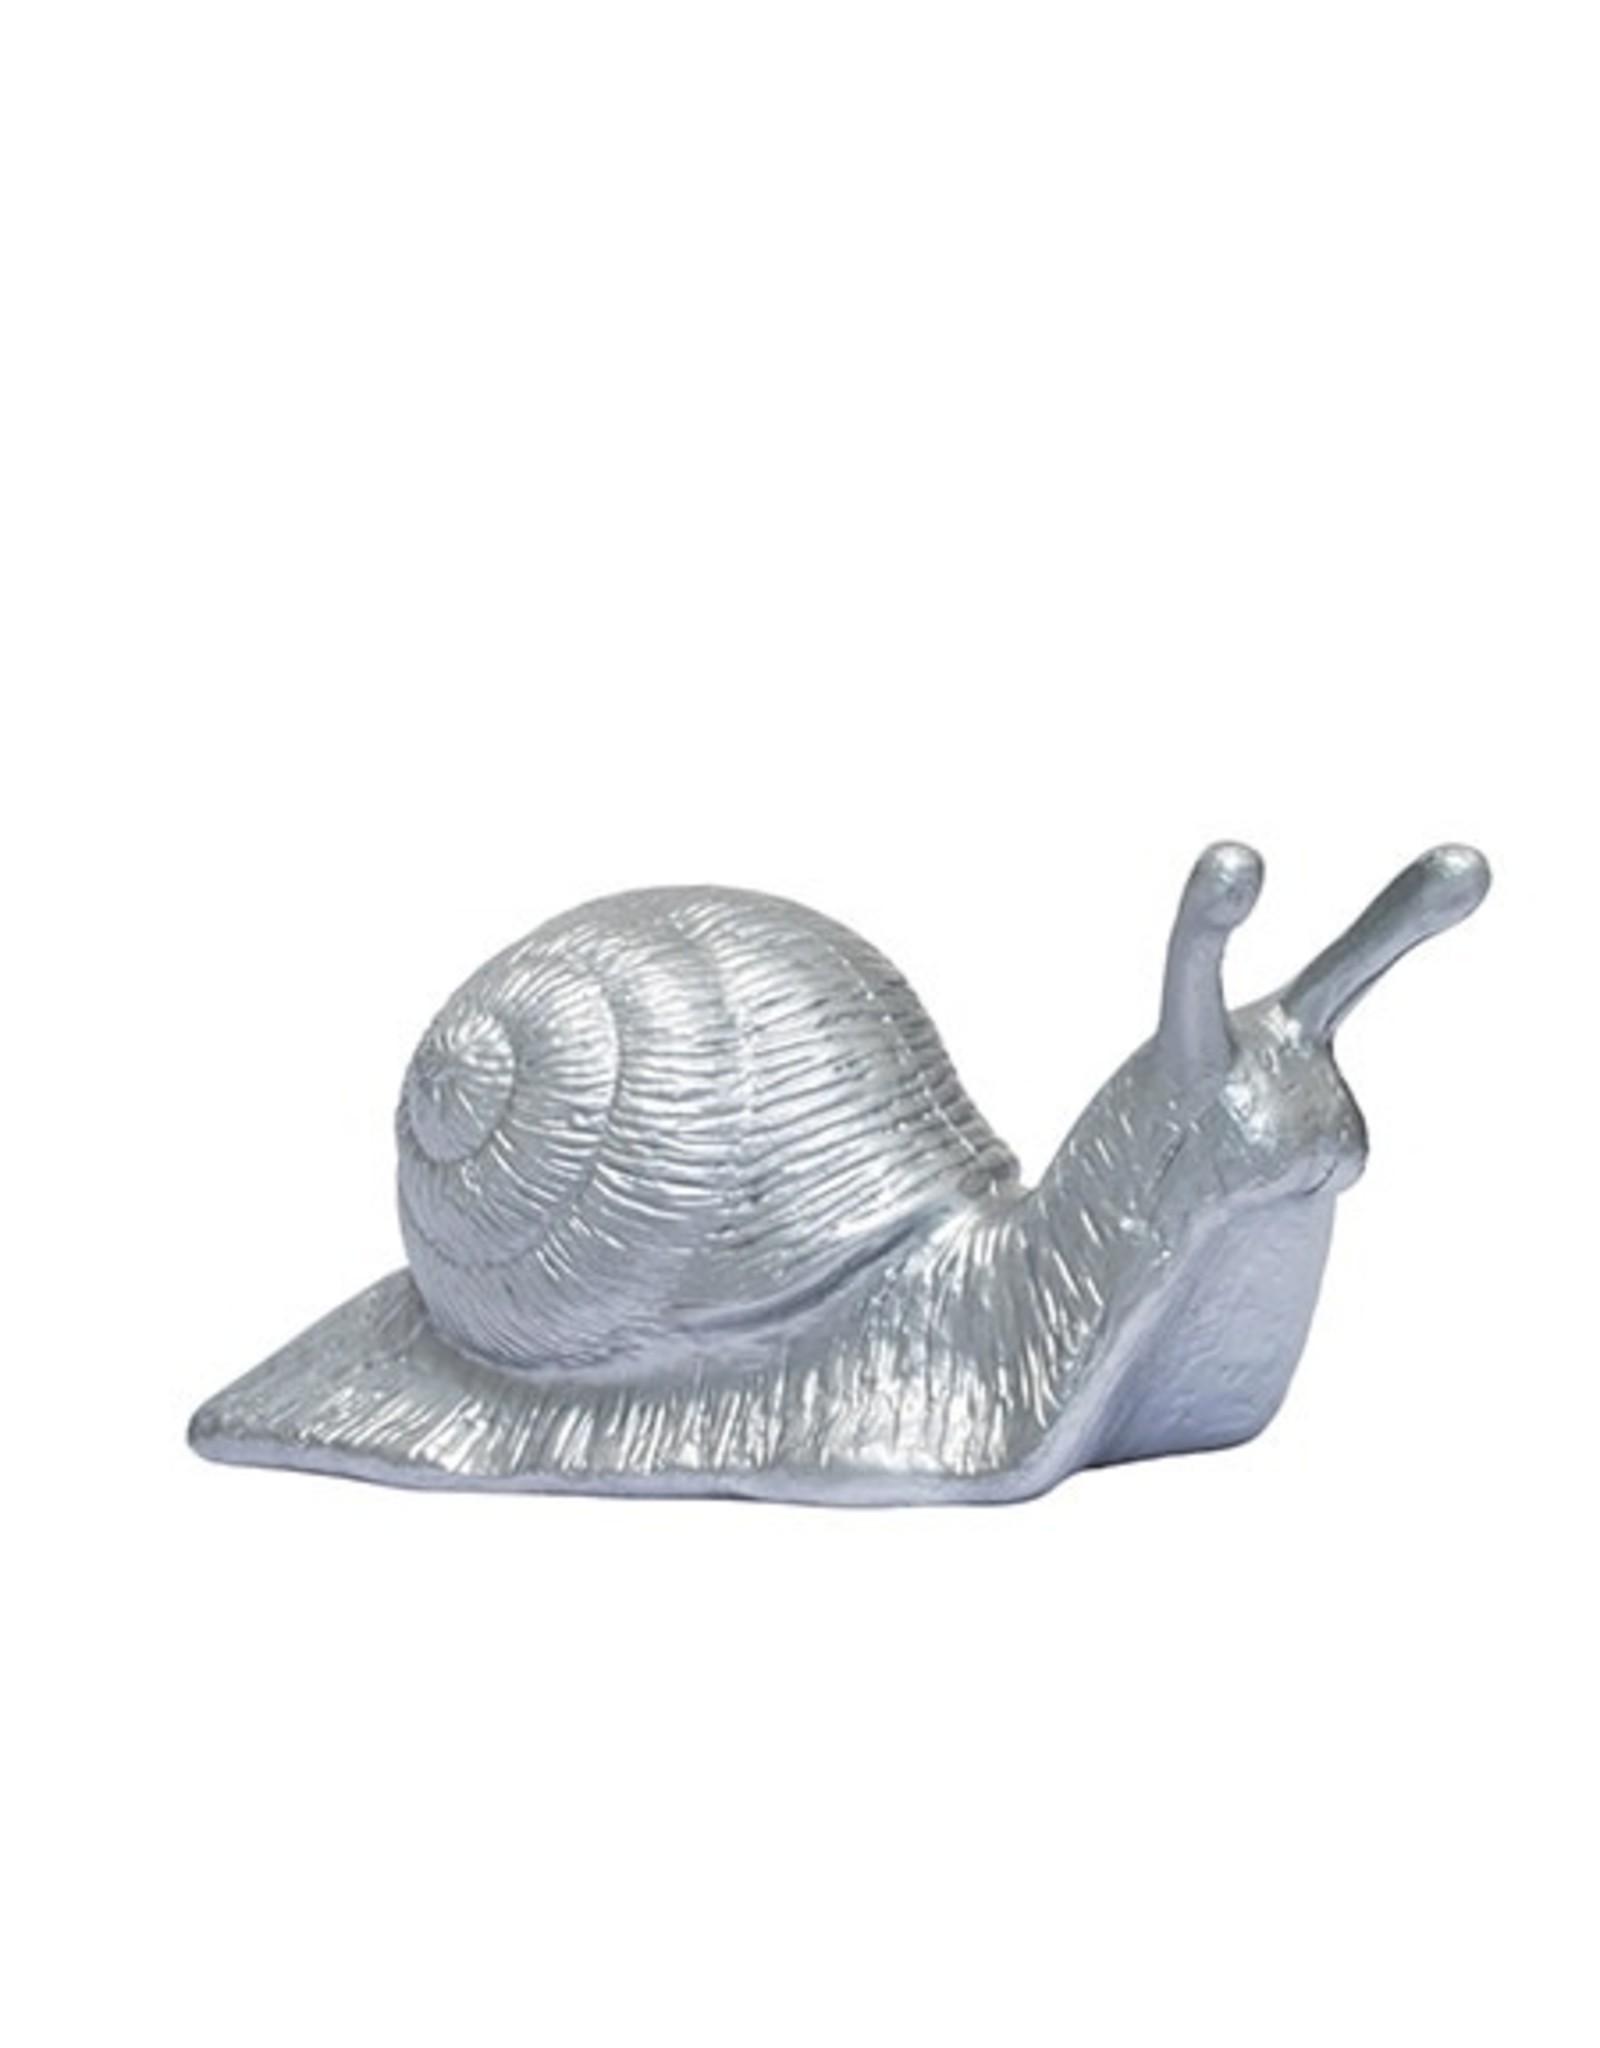 Ottmar Hörl Ottmar Hörl - Avant garde Snail